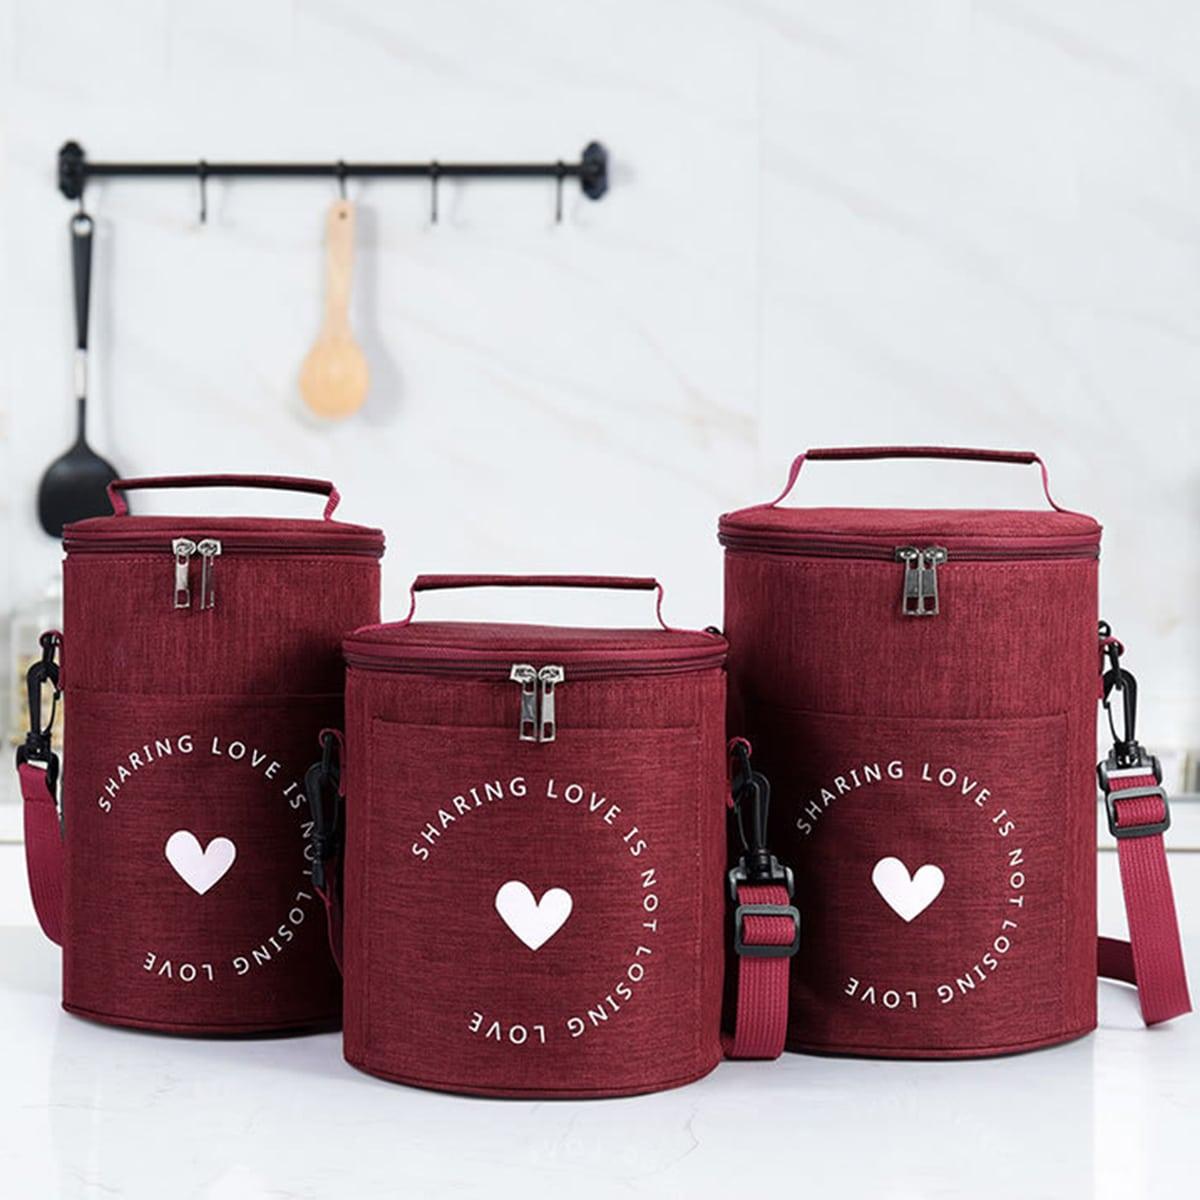 1шт изолированная сумка для обеда с принтом сердечка